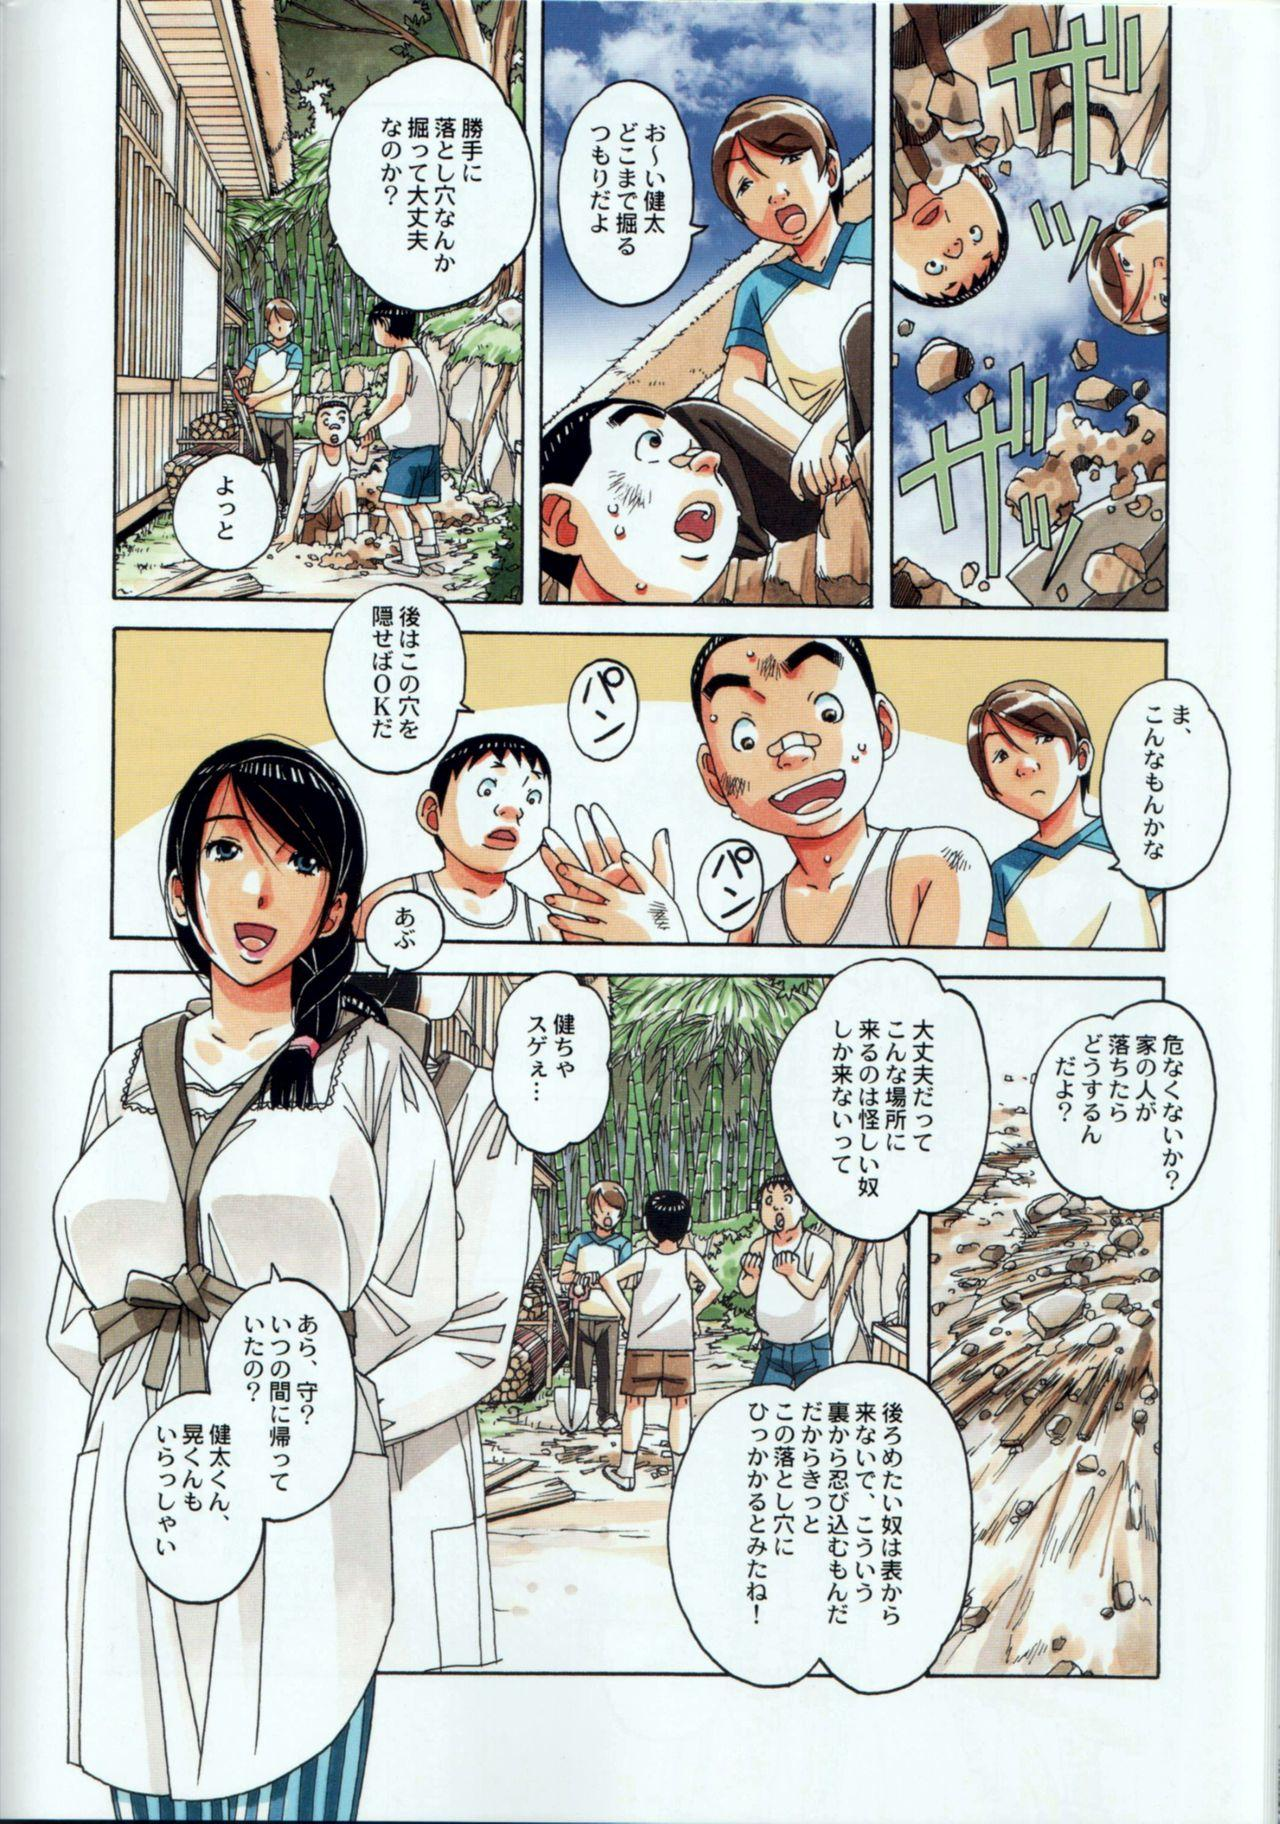 Kainuma Mura no Seikatsu Jijou 1 Gifuyome Chigusa 13